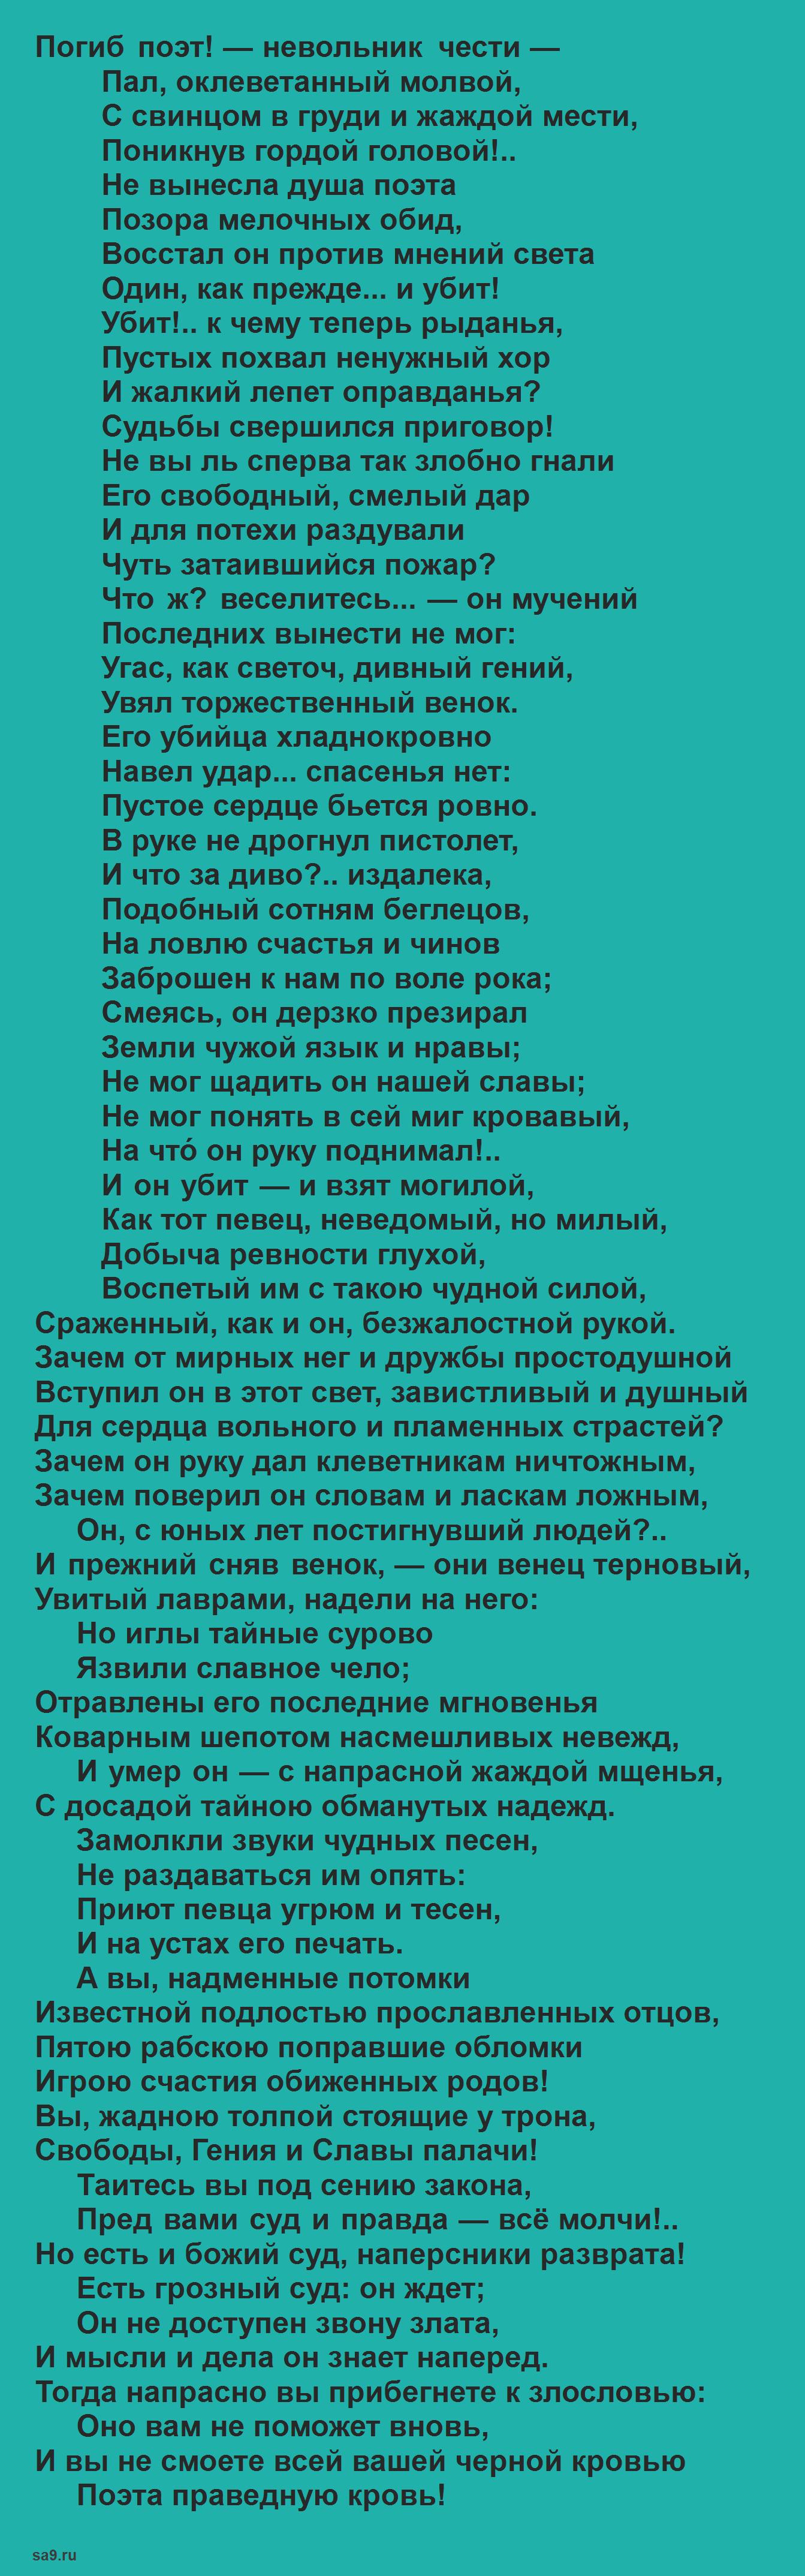 Смерть поэта - Лермонтов стих